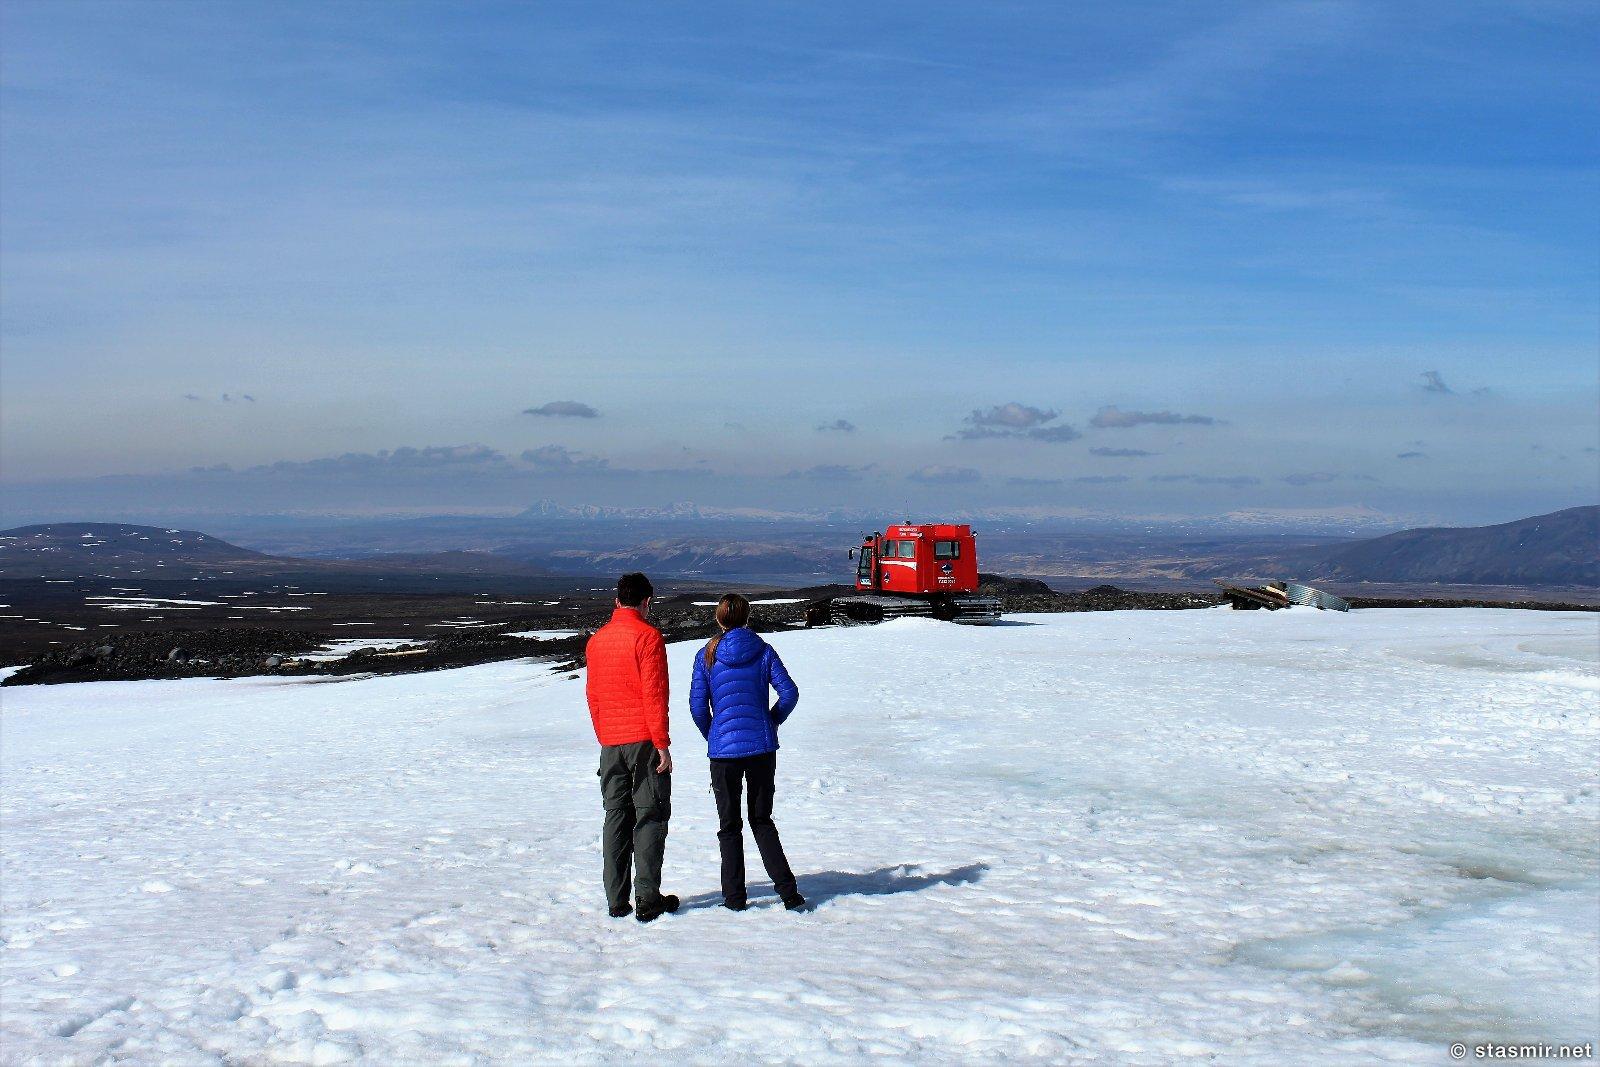 На леднике Лаунгйёкудль в солнечный день, фото Стасмир, Photo Stasmir